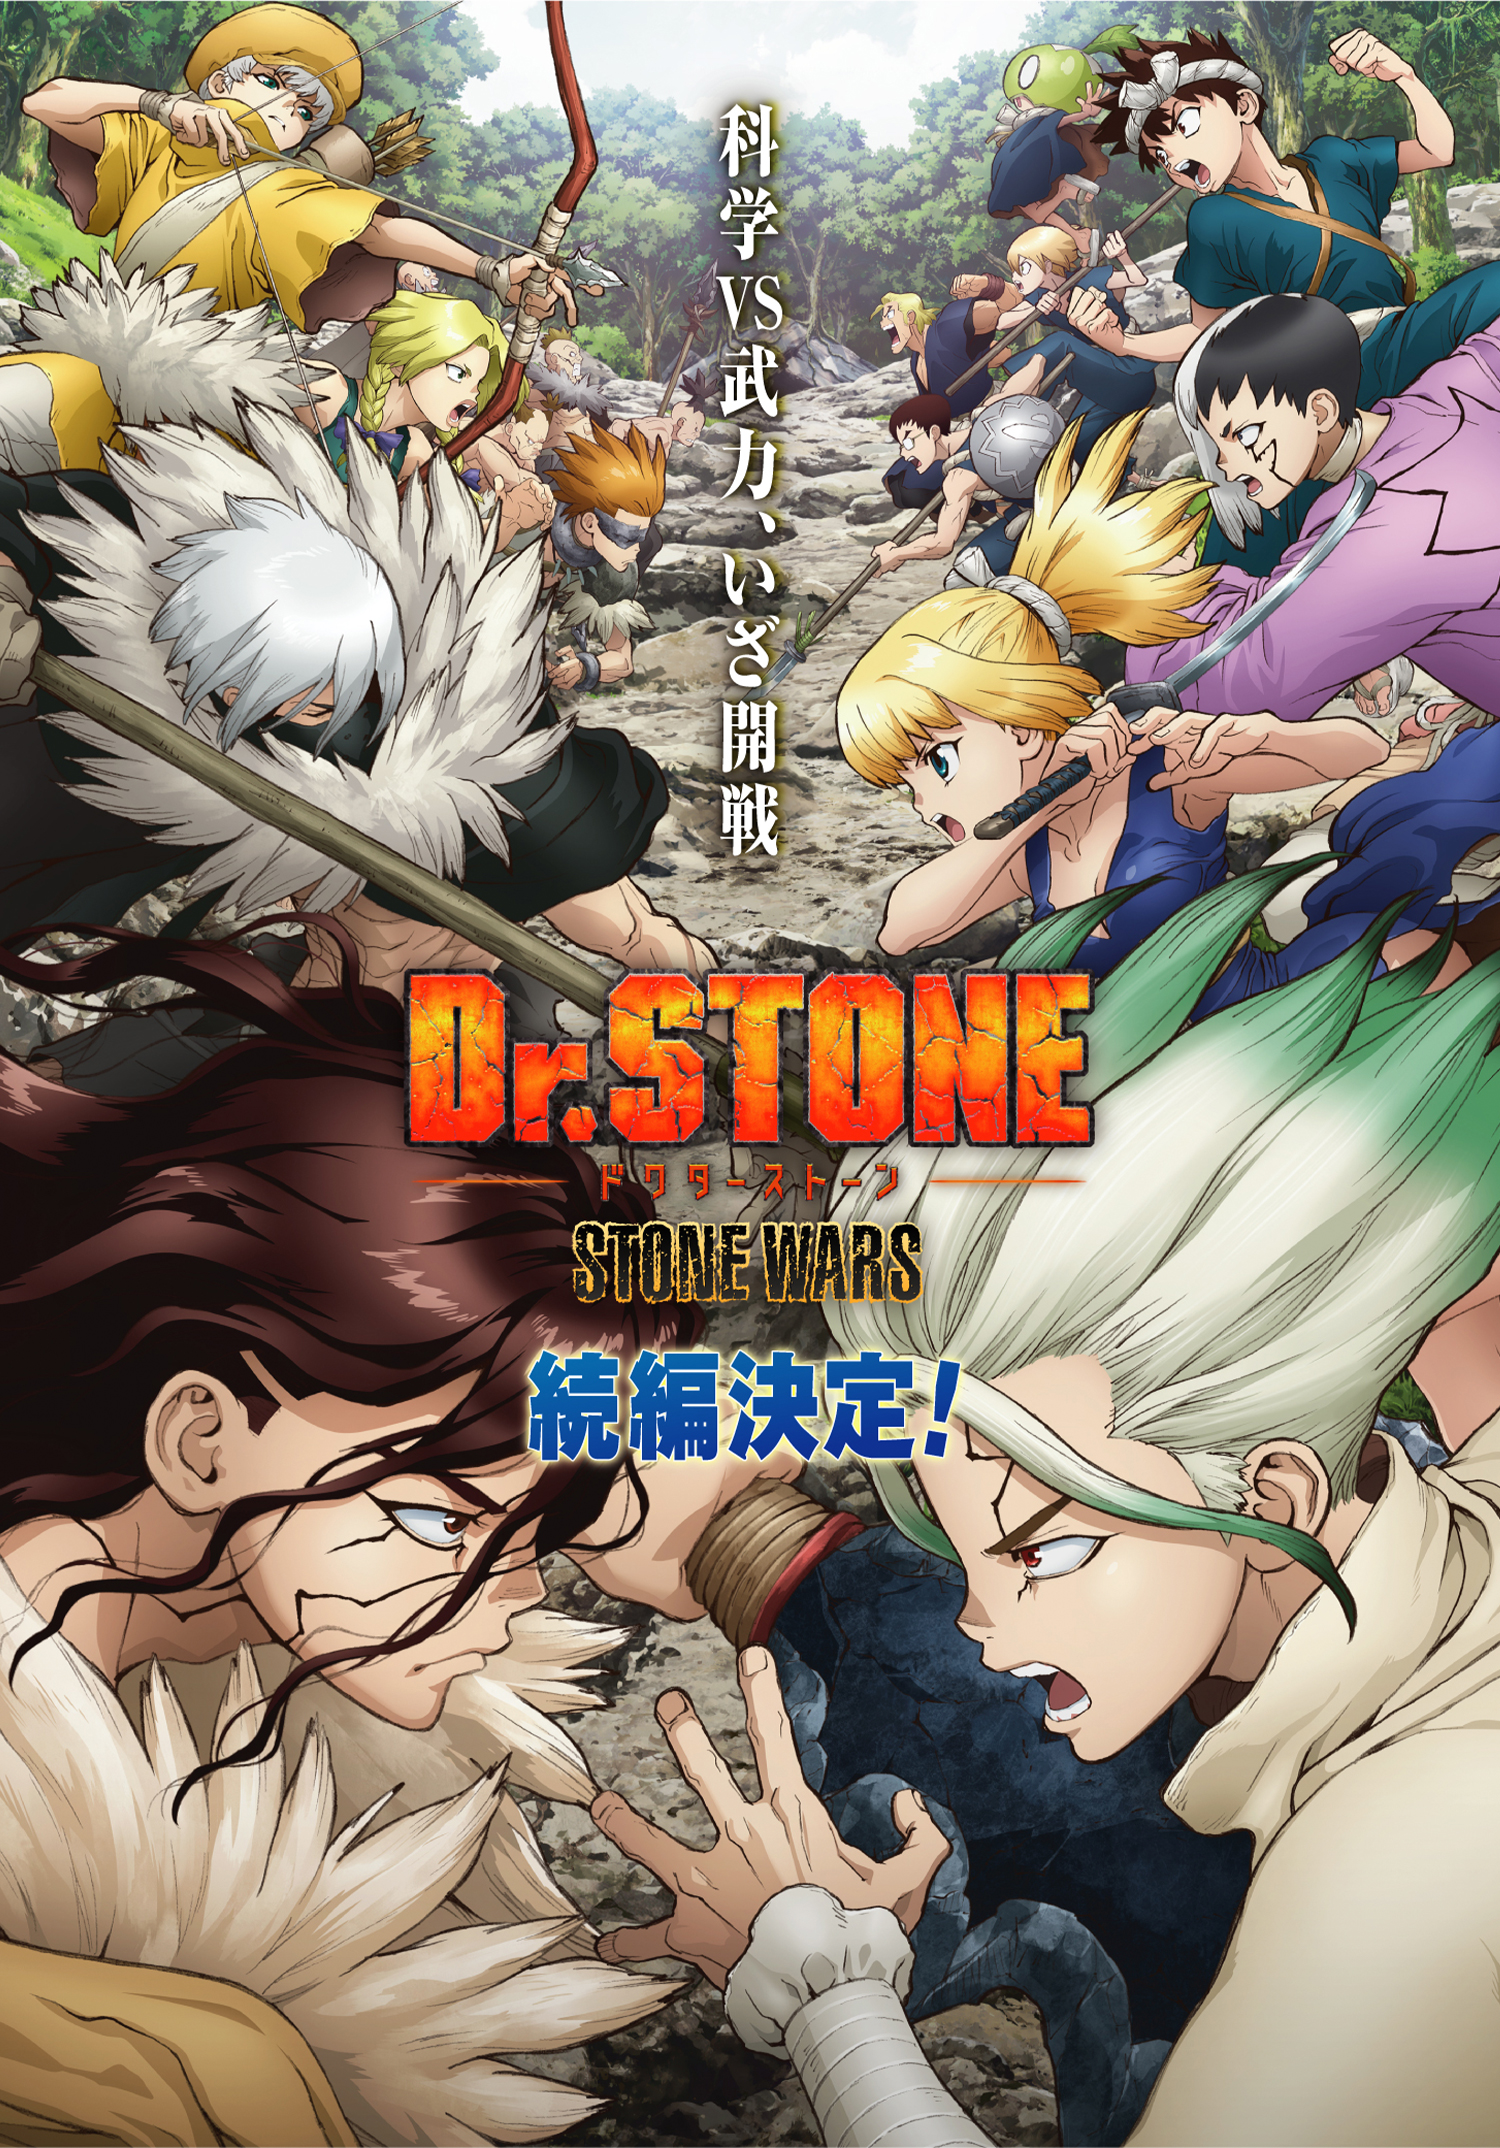 アニメ「Dr.STONE(ドクターストーン)」公式HP